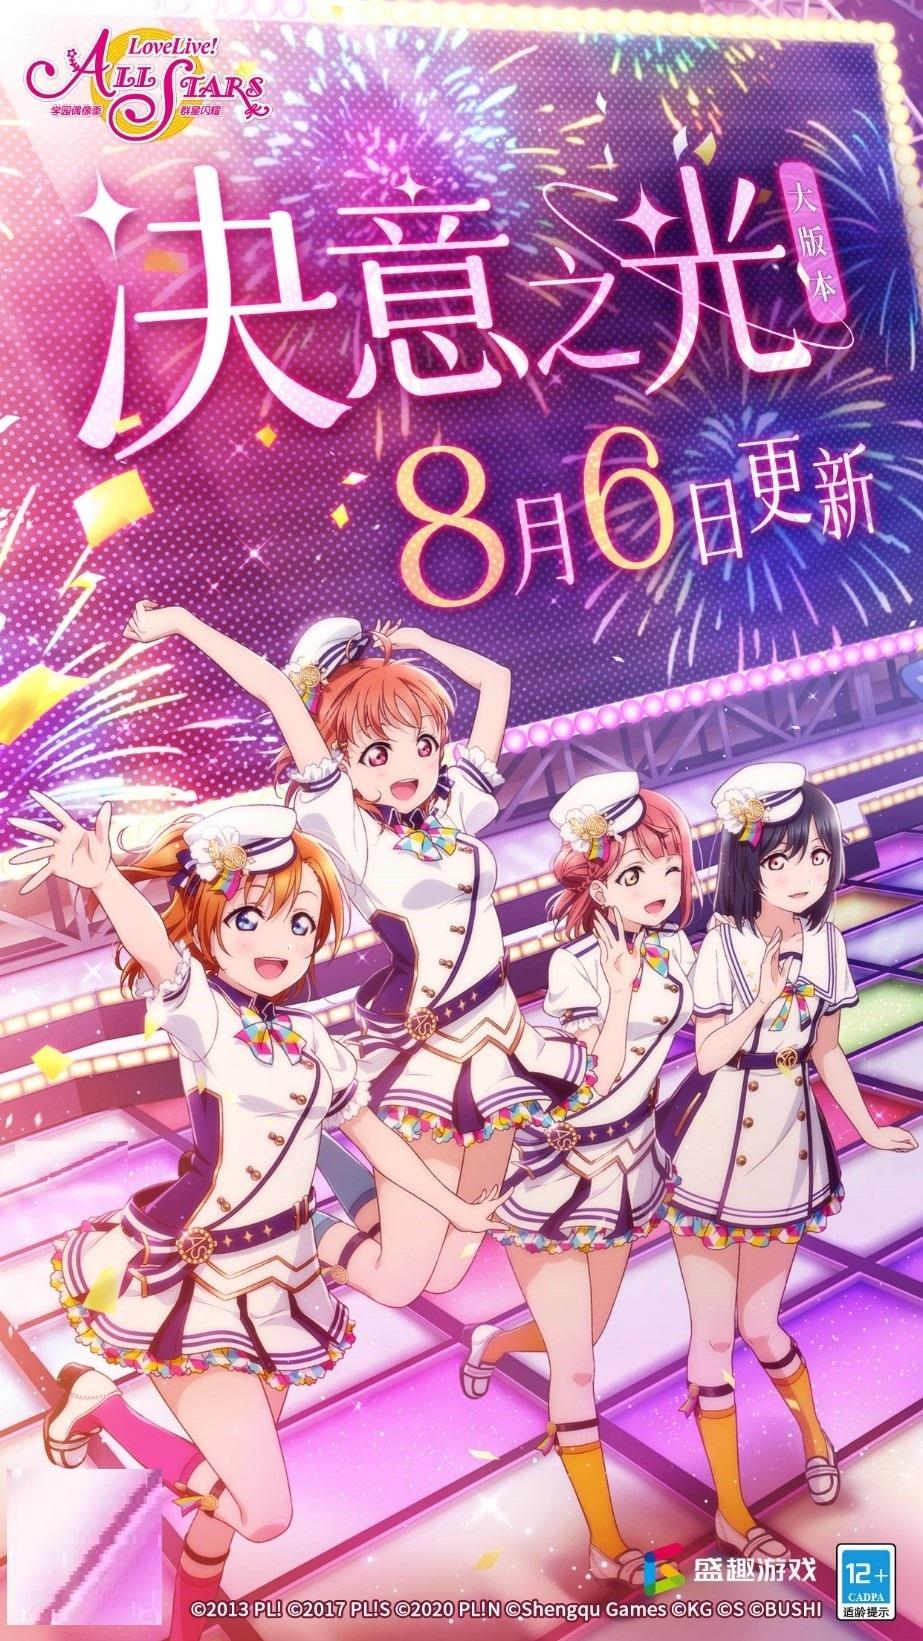 《学园偶像季:群星闪耀》更新大版本!「三船栞子」登场